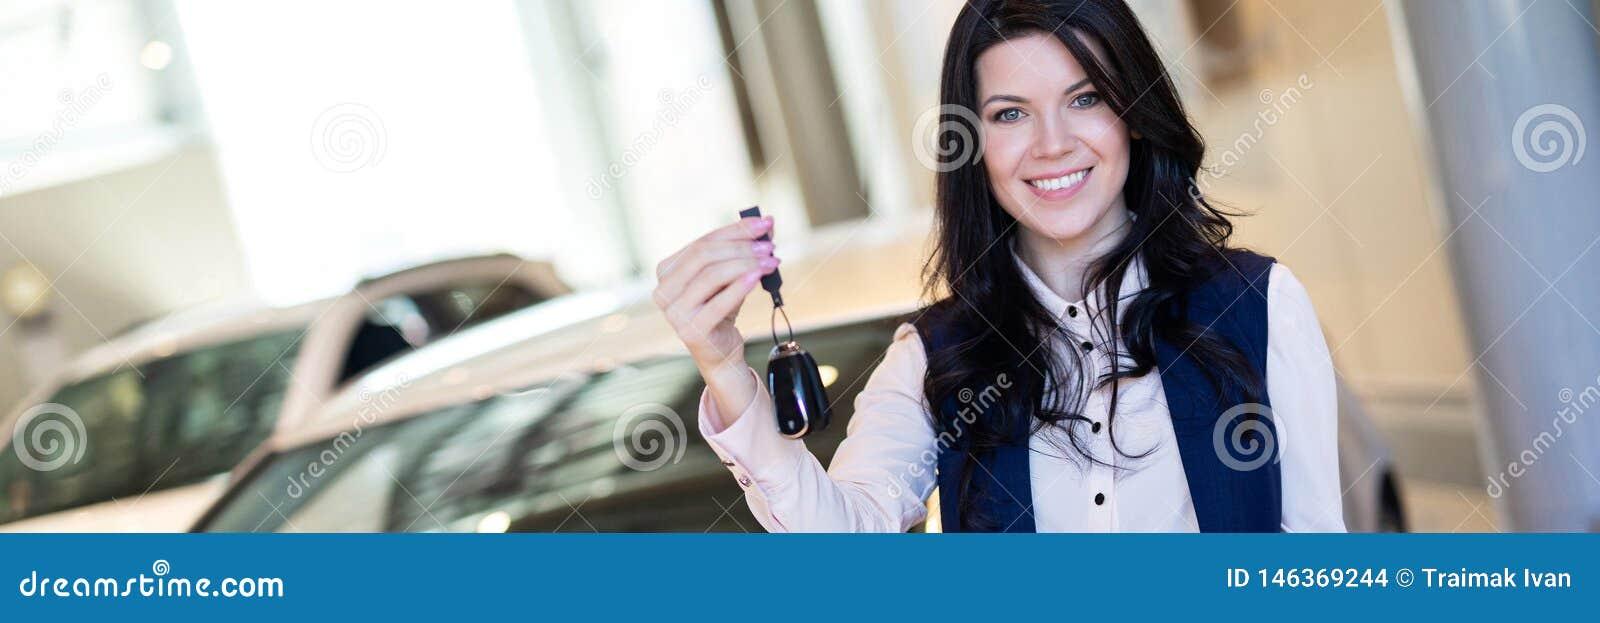 Ευτυχές αγοραστών γυναικών με τα κλειδιά κοντά στο νέο όχημά της στη εμπορία αυτοκινήτων